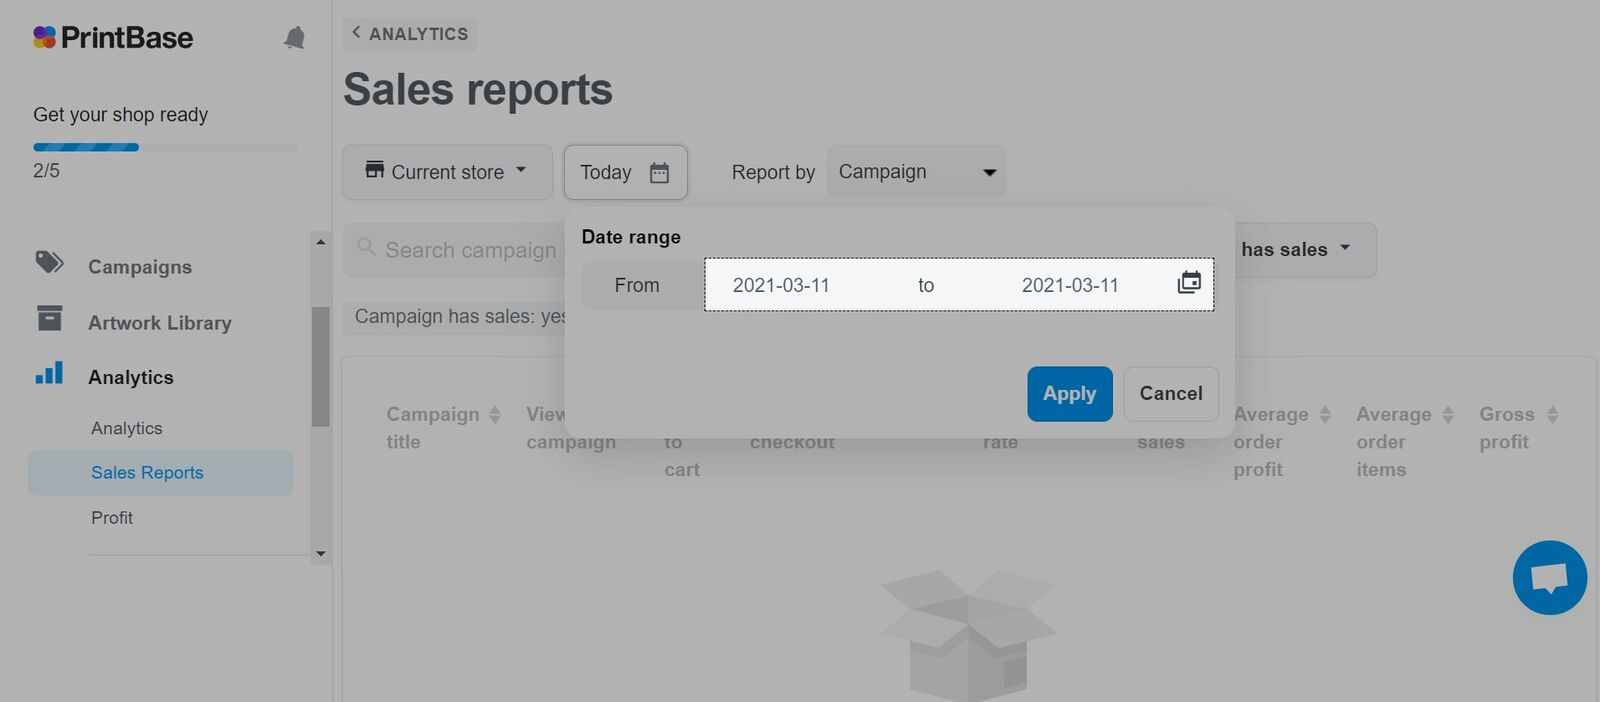 单击日期以更改显示报告的时间段